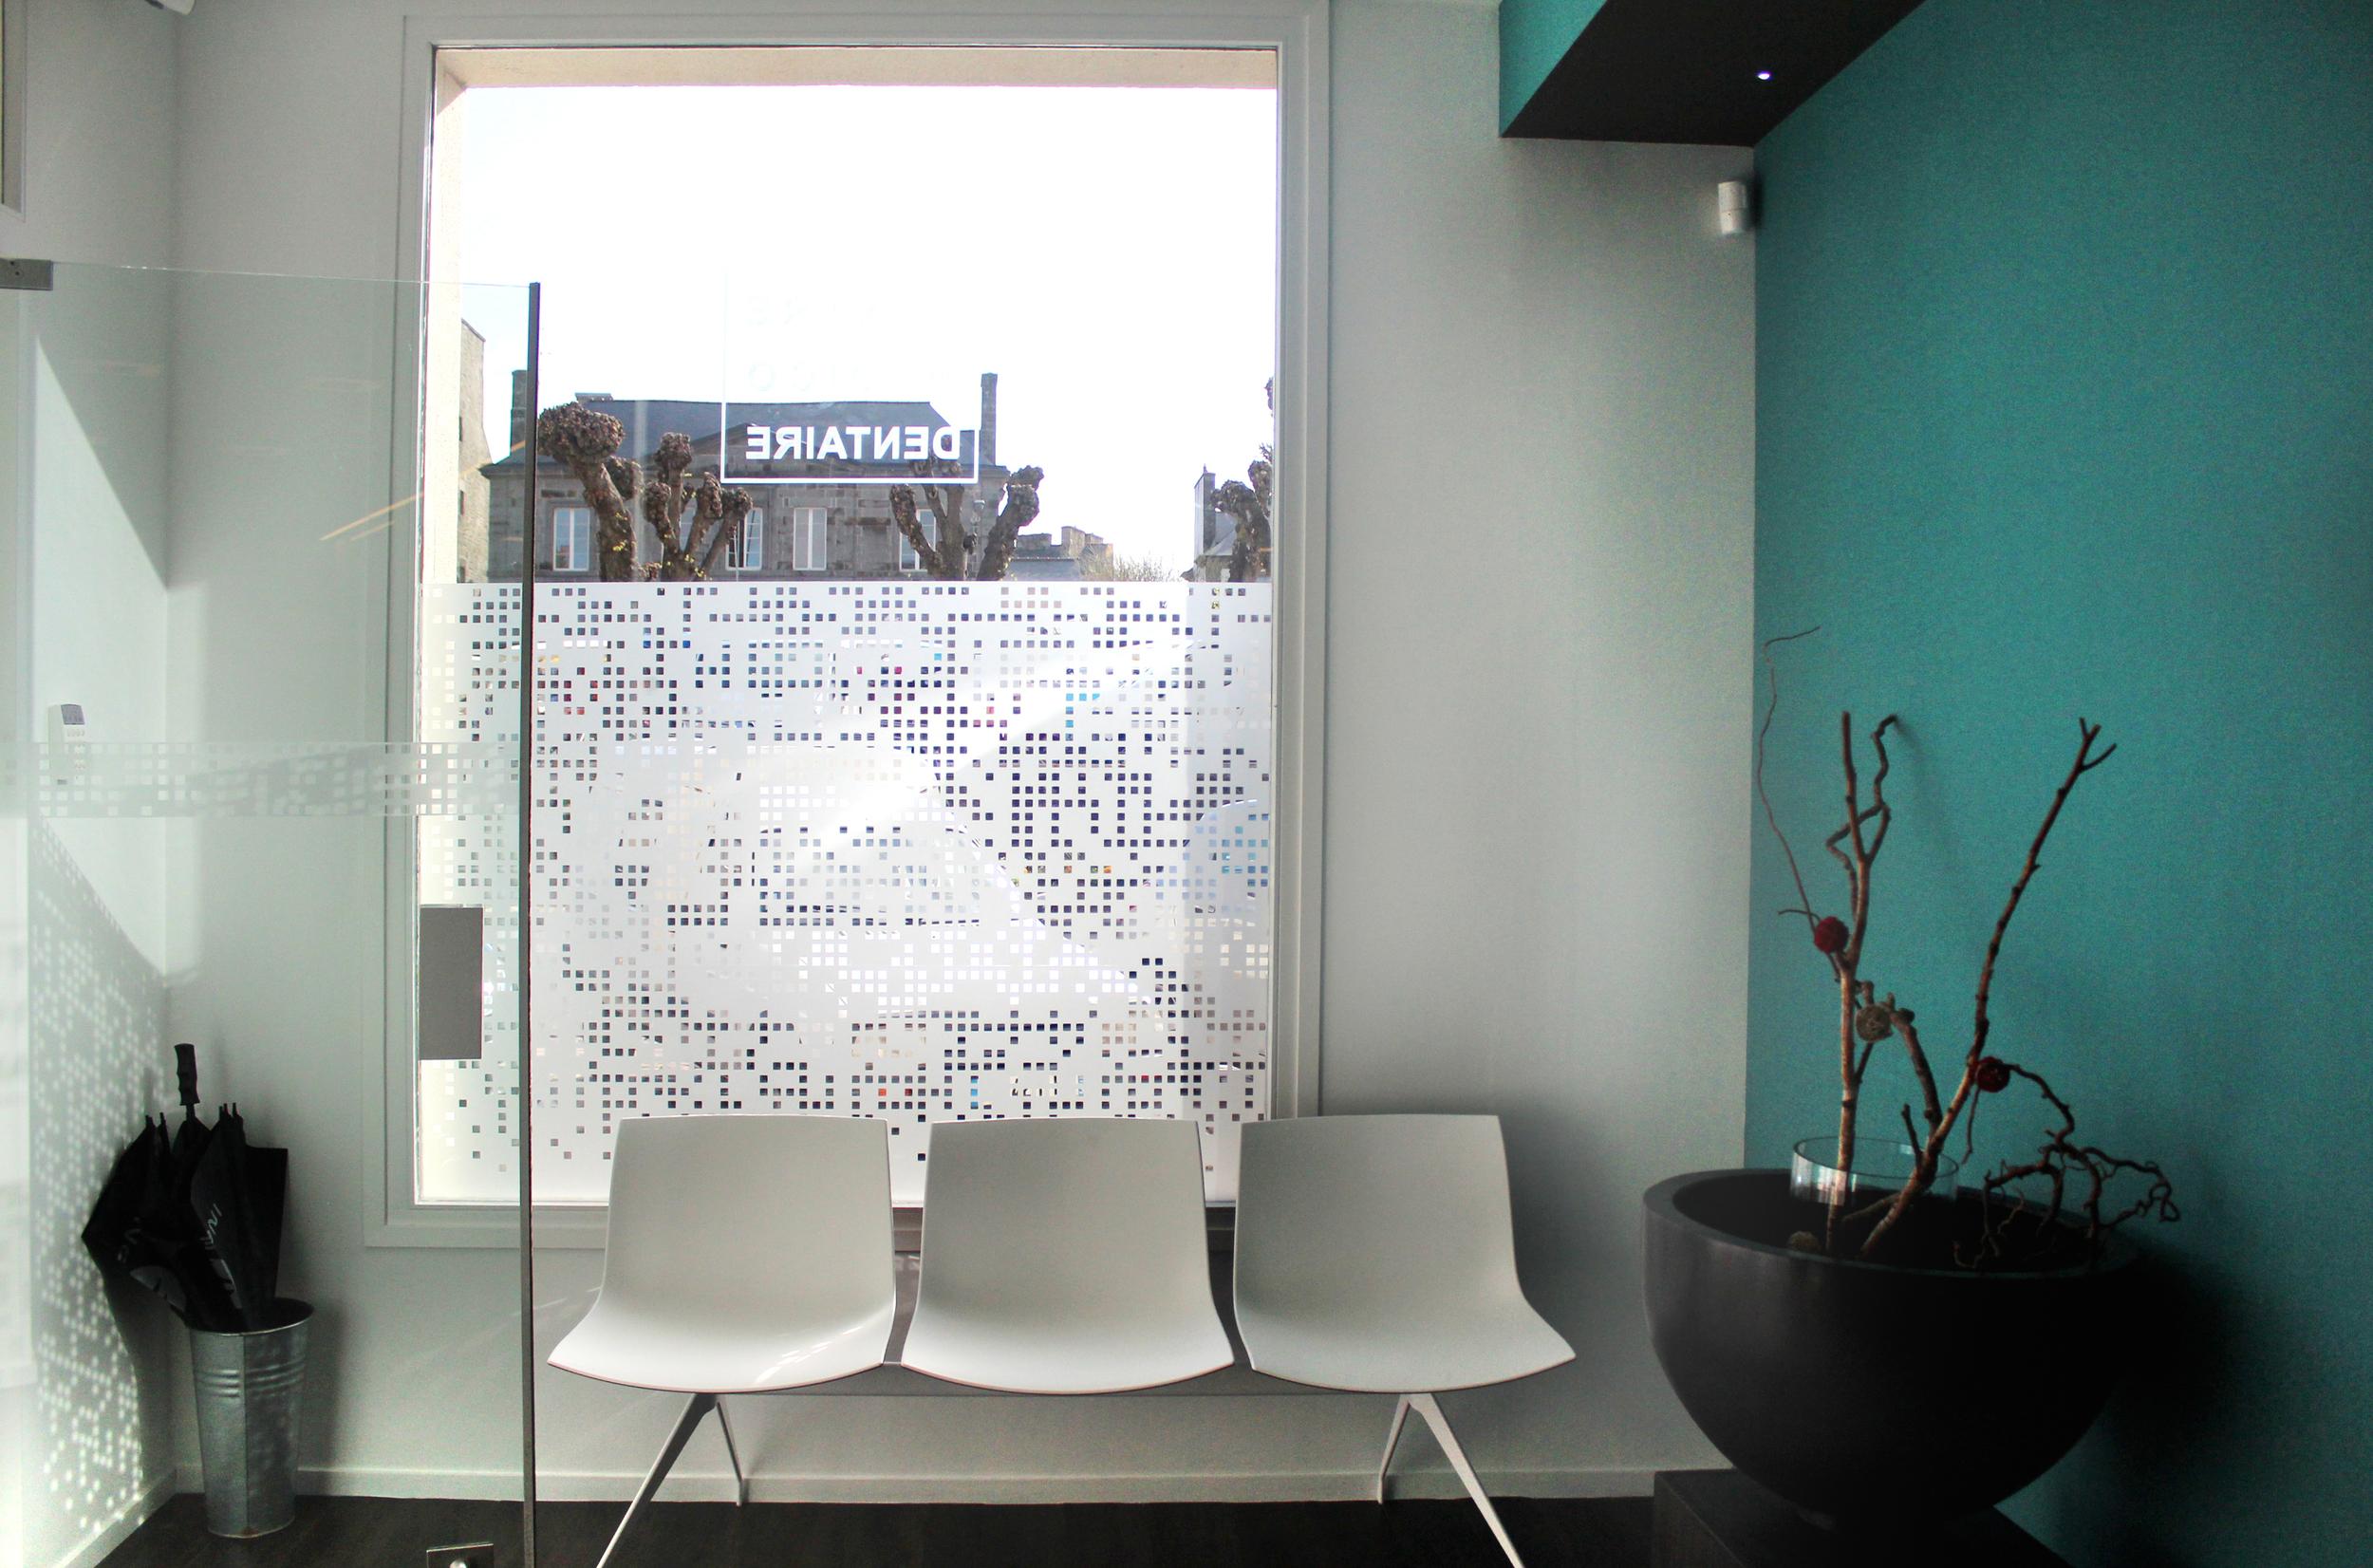 DINAN - Cabinet dentaire - SURFACE : 75 m2 - Maître d'ouvrage : Professionnel